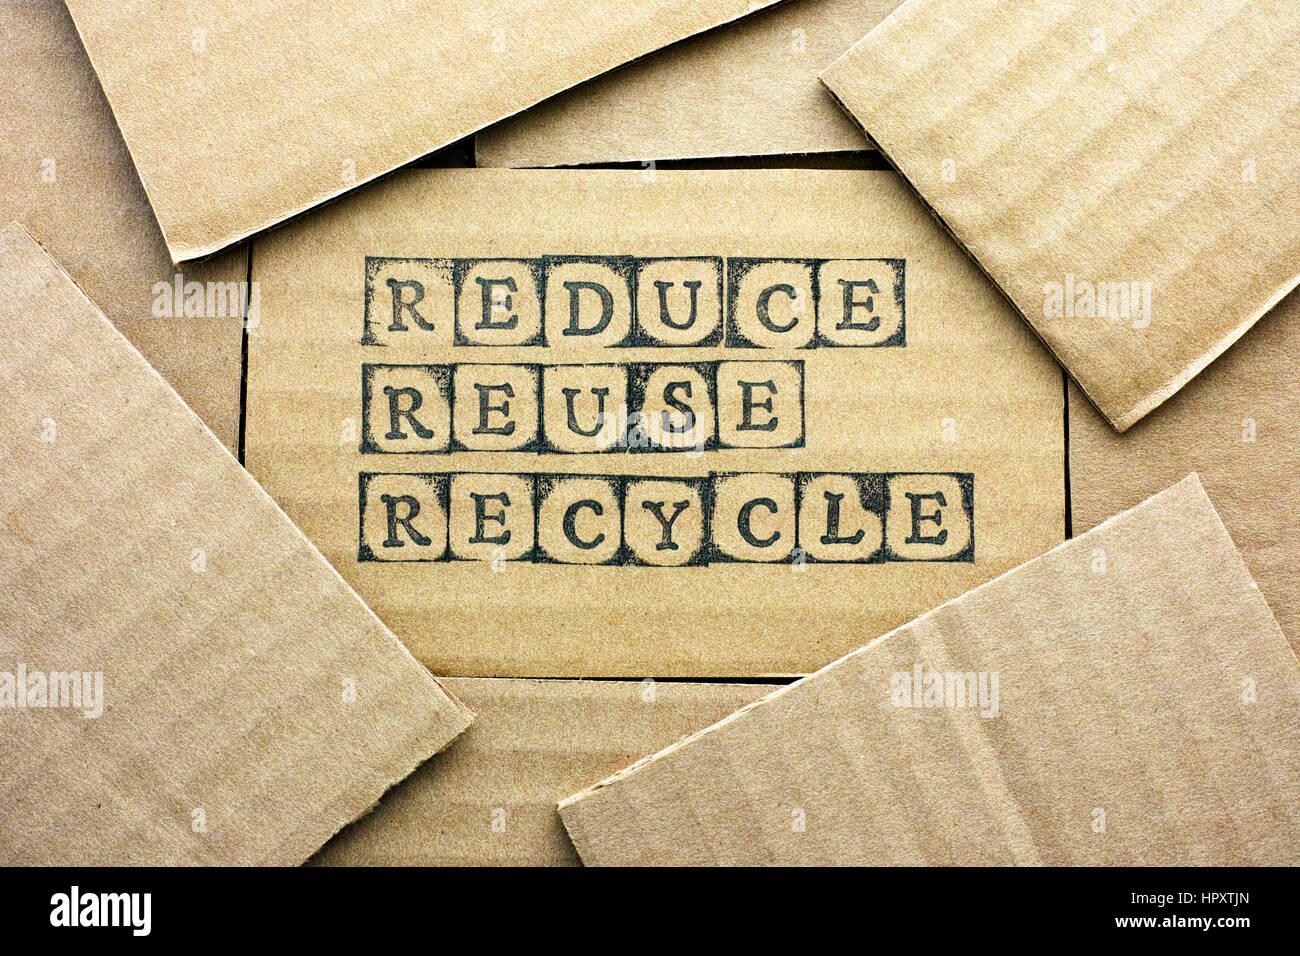 Cartoncino con parole ridurre riutilizzare riciclare realizzato da nero timbri alfabeto con un pezzo di cartone. Immagini Stock